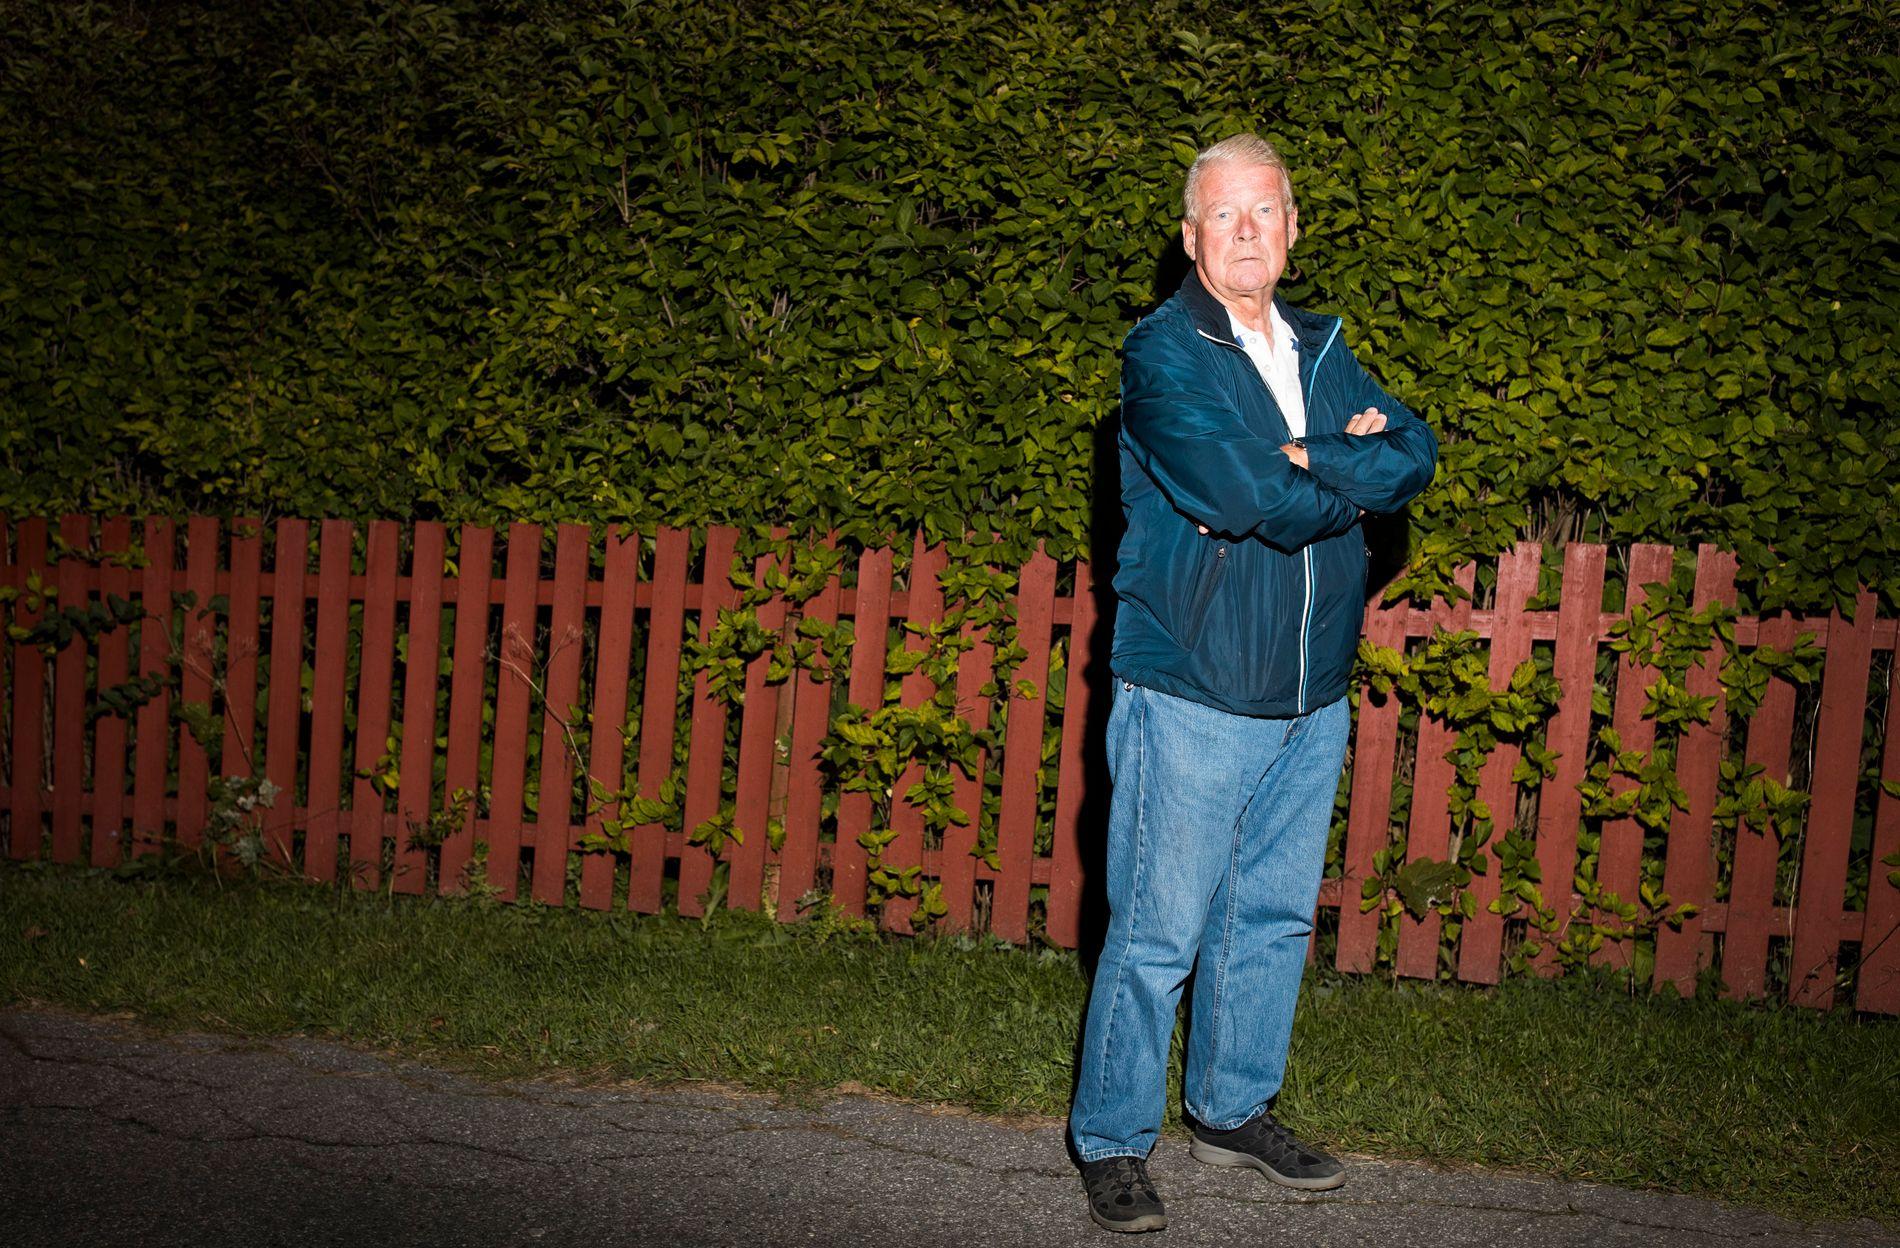 ADVARER SINE EGNE: Tidligere formann i Frp, Carl I. Hagen, varsler at et forsiktig Frp kan få et konkurrerende opprørsparti å slite med.